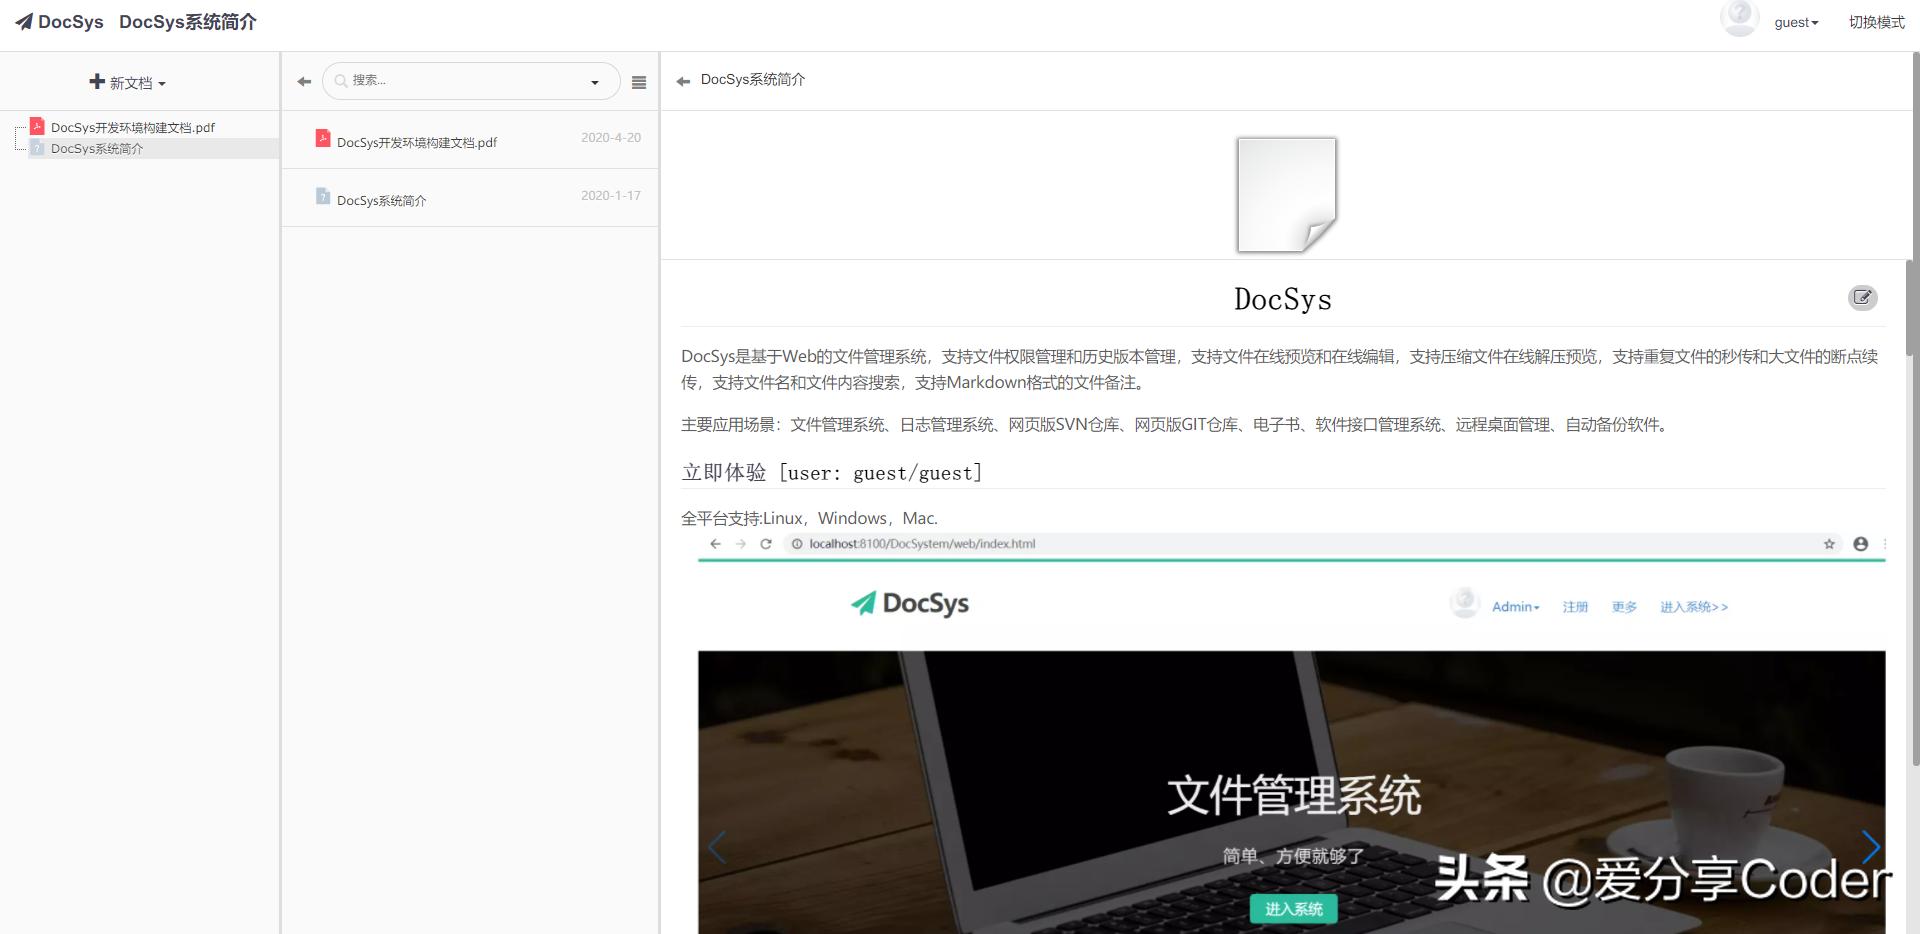 实用开源项目,基于Web的文件管理系统——DocSys